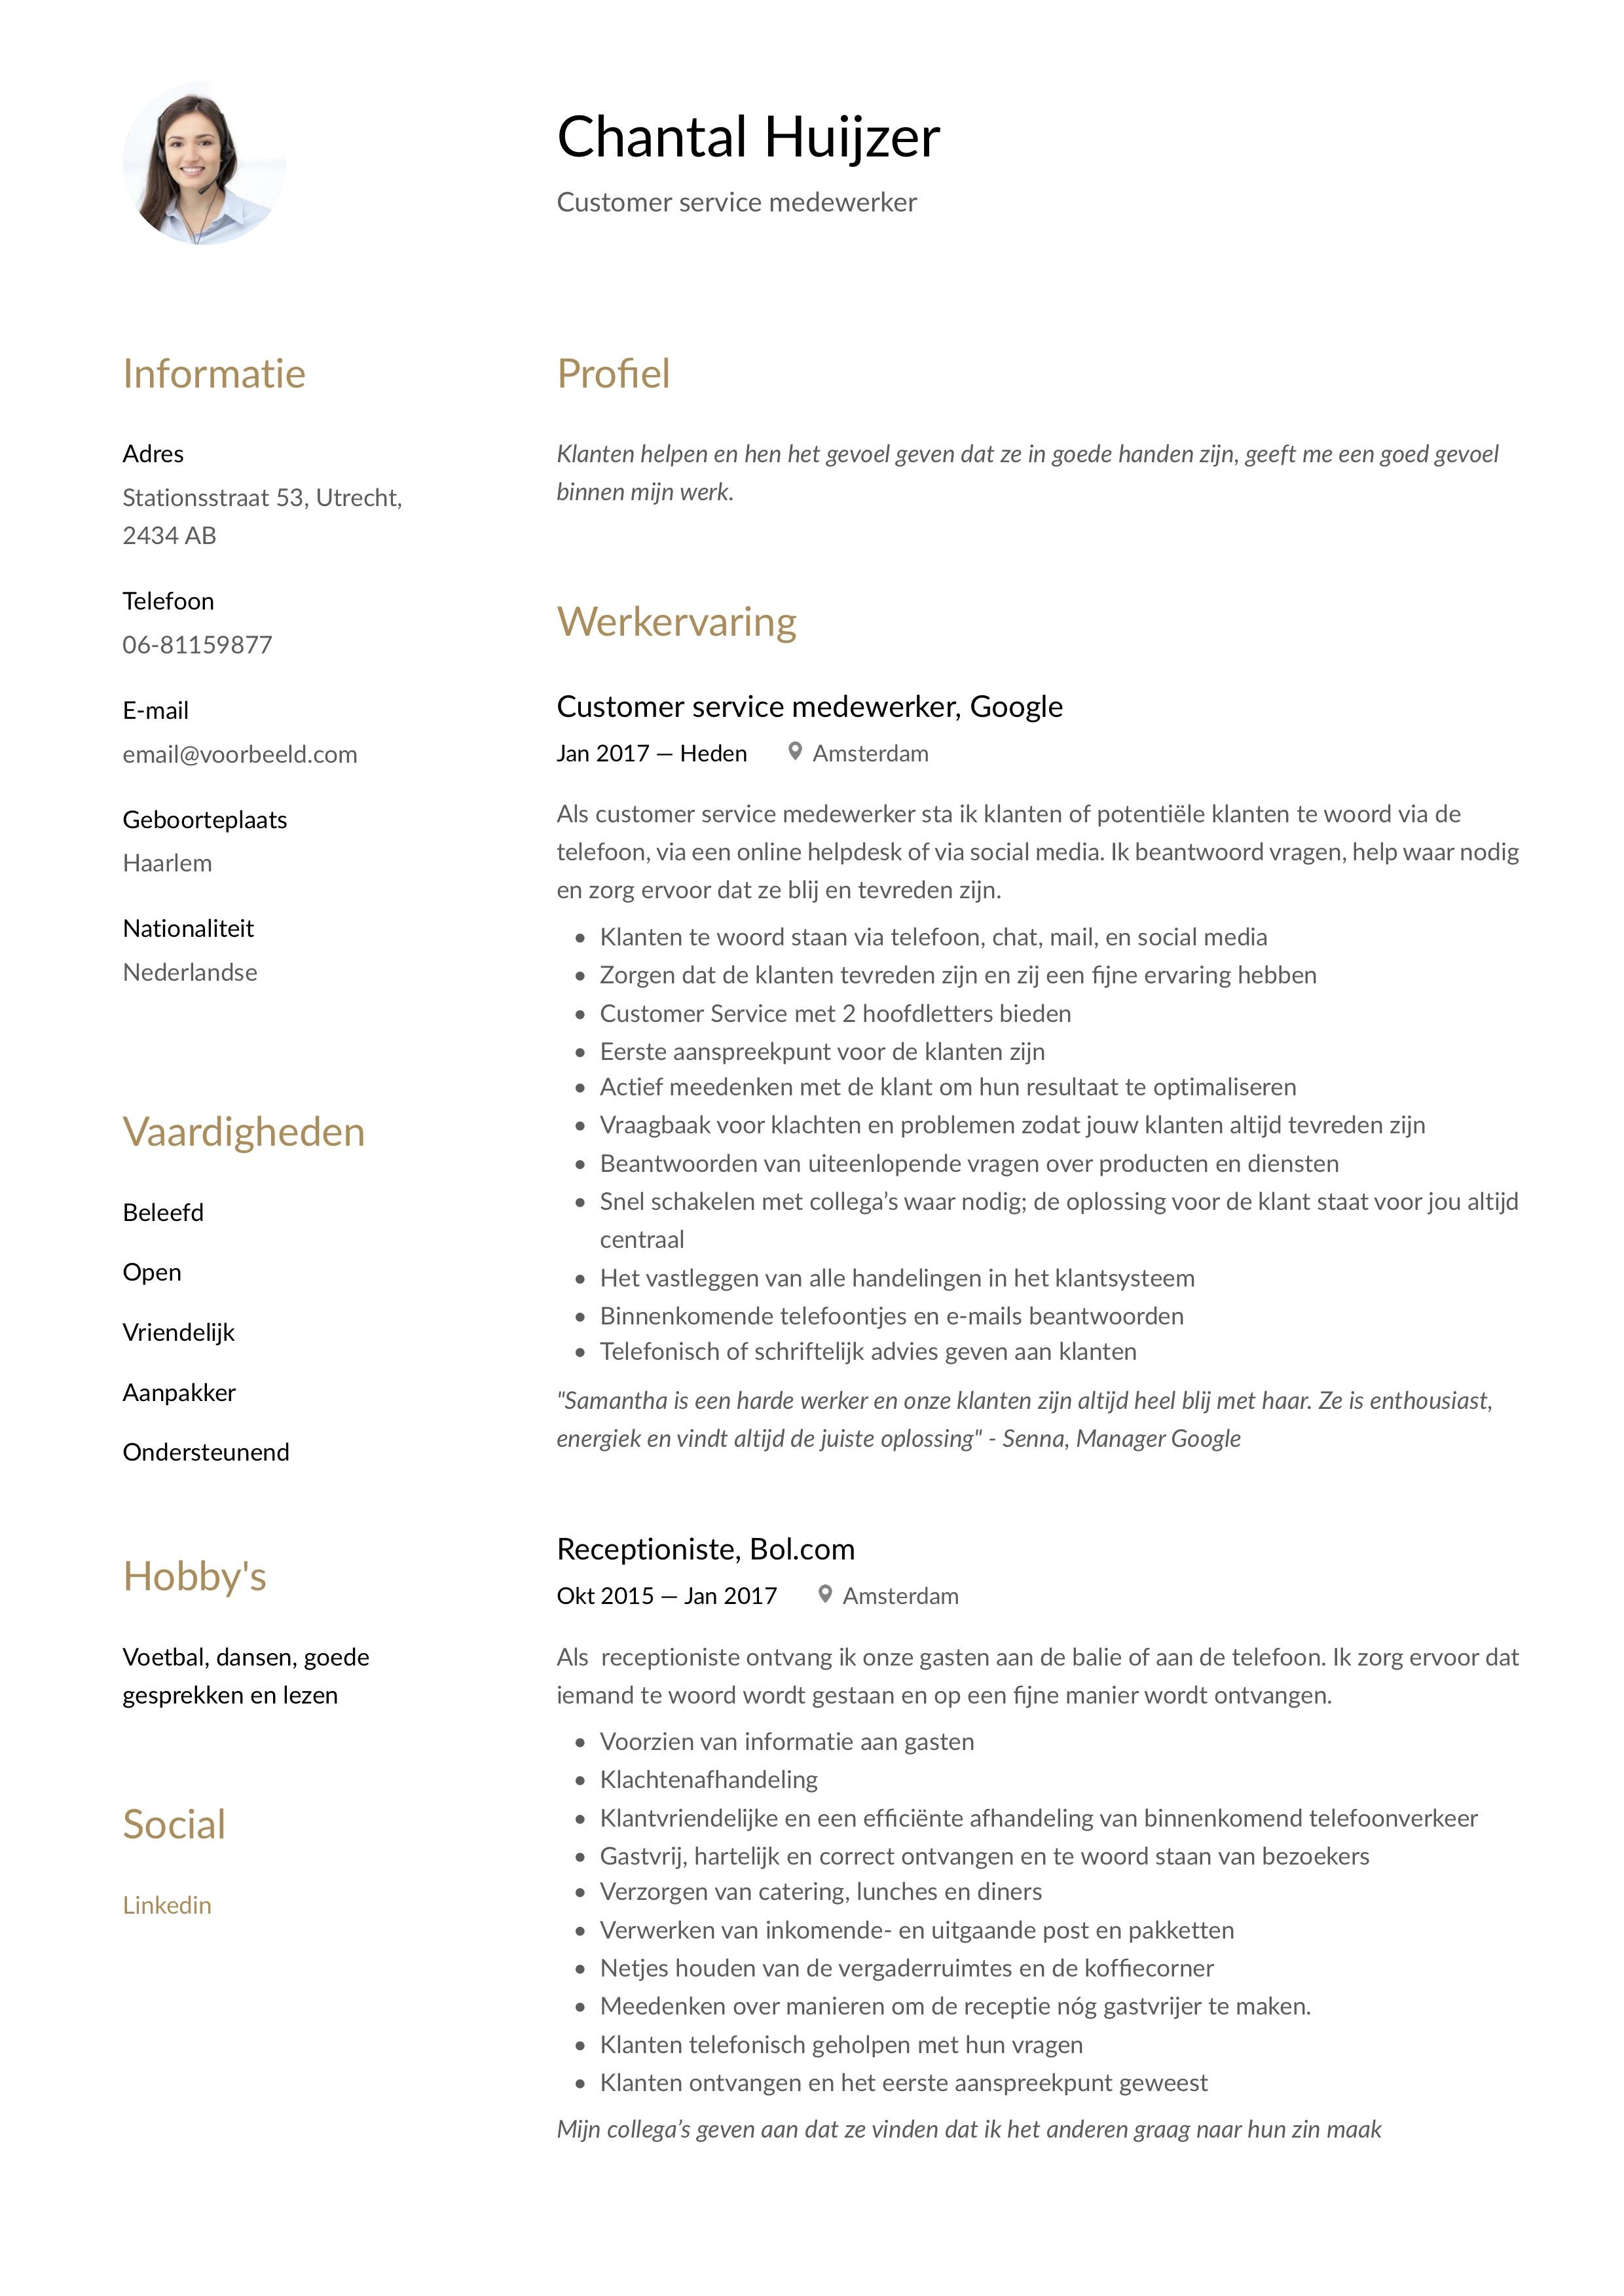 CV Voorbeeld Customer service medewerker